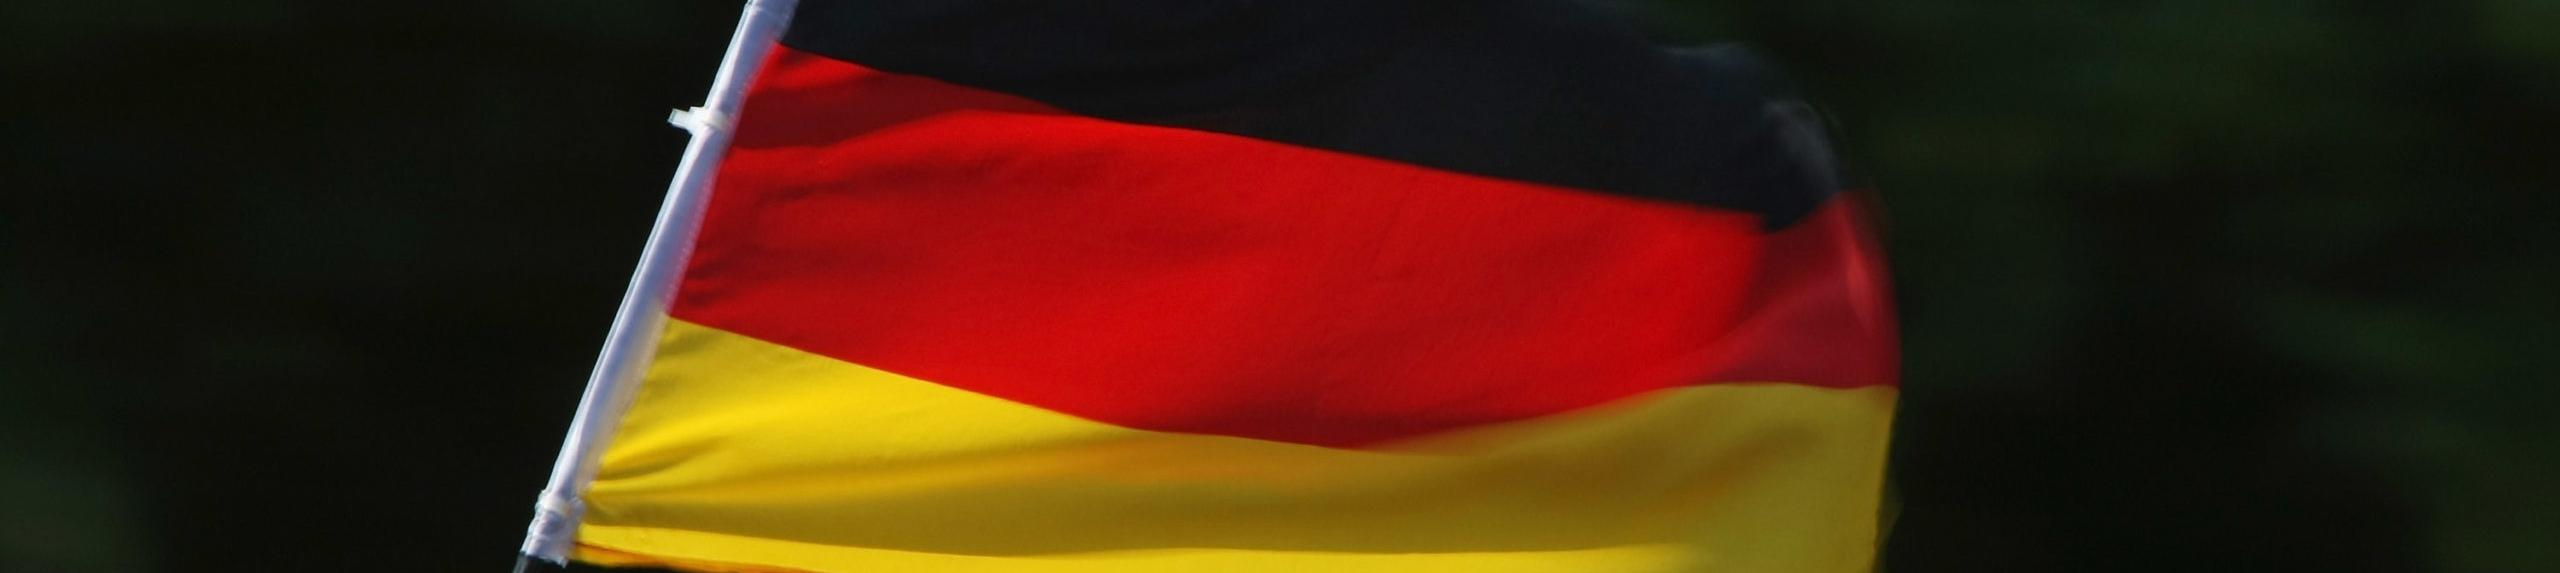 Scommesse sportive, il palinsesto bwin del 08/6/2020: in Germania tra basket e calcio